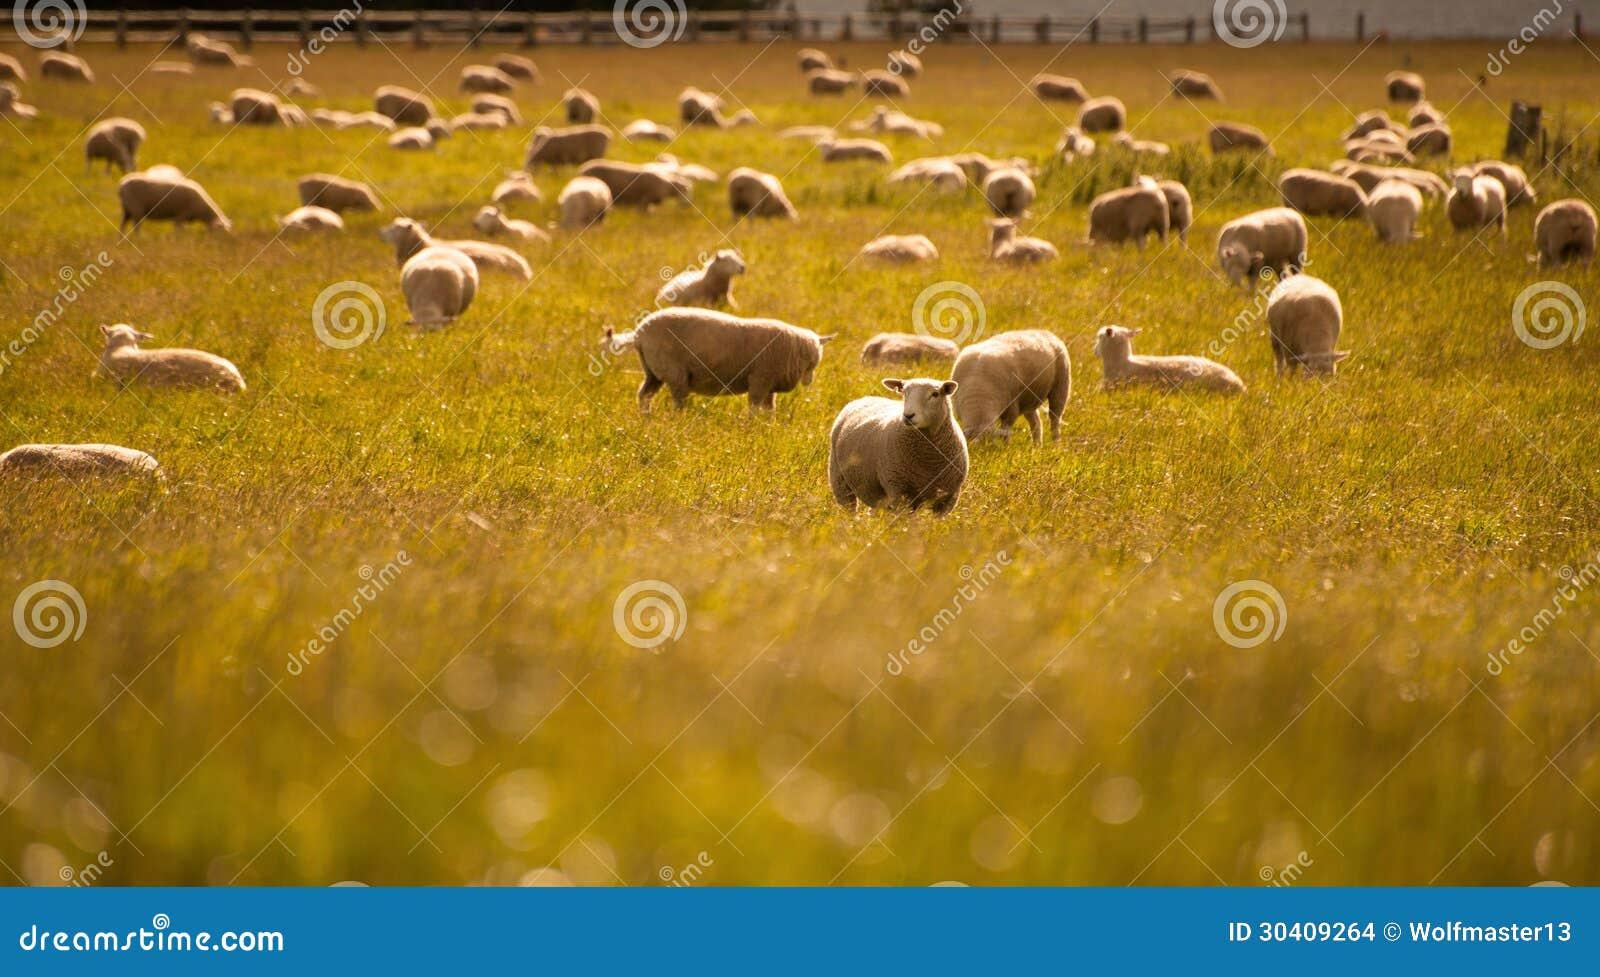 Grupo de carneiros na exploração agrícola, ilha sul, Nova Zelândia